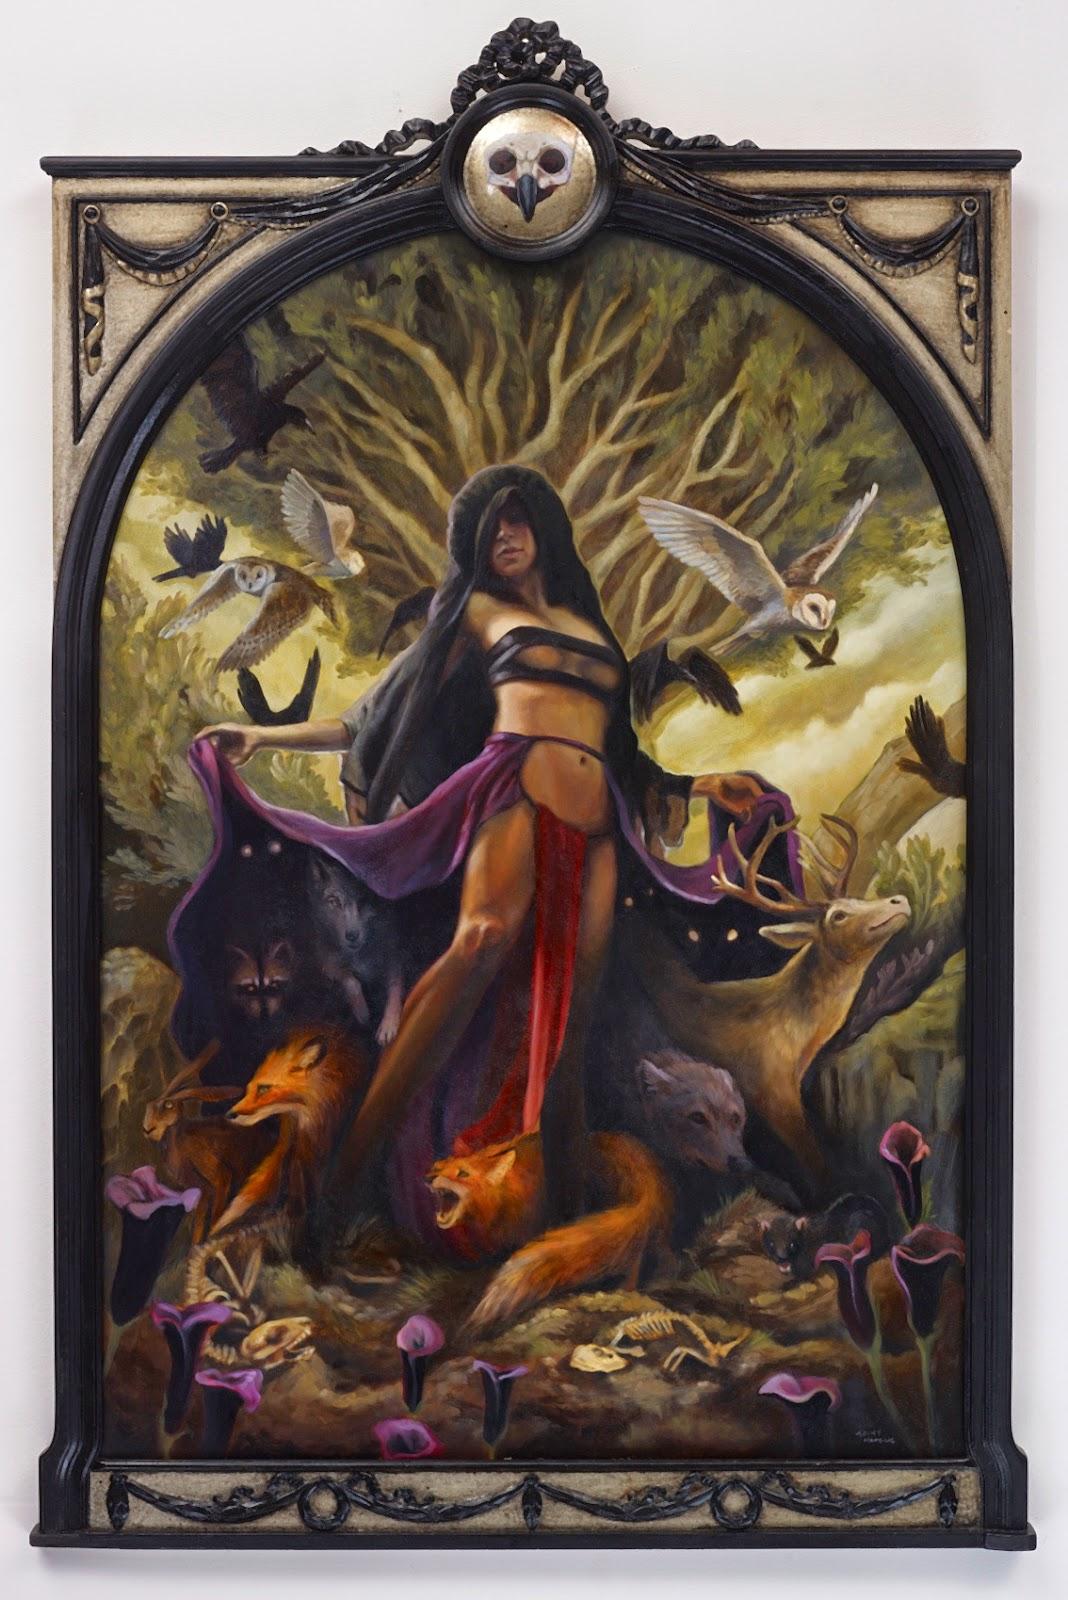 Kelley Hensing @ Last Rites Gallery